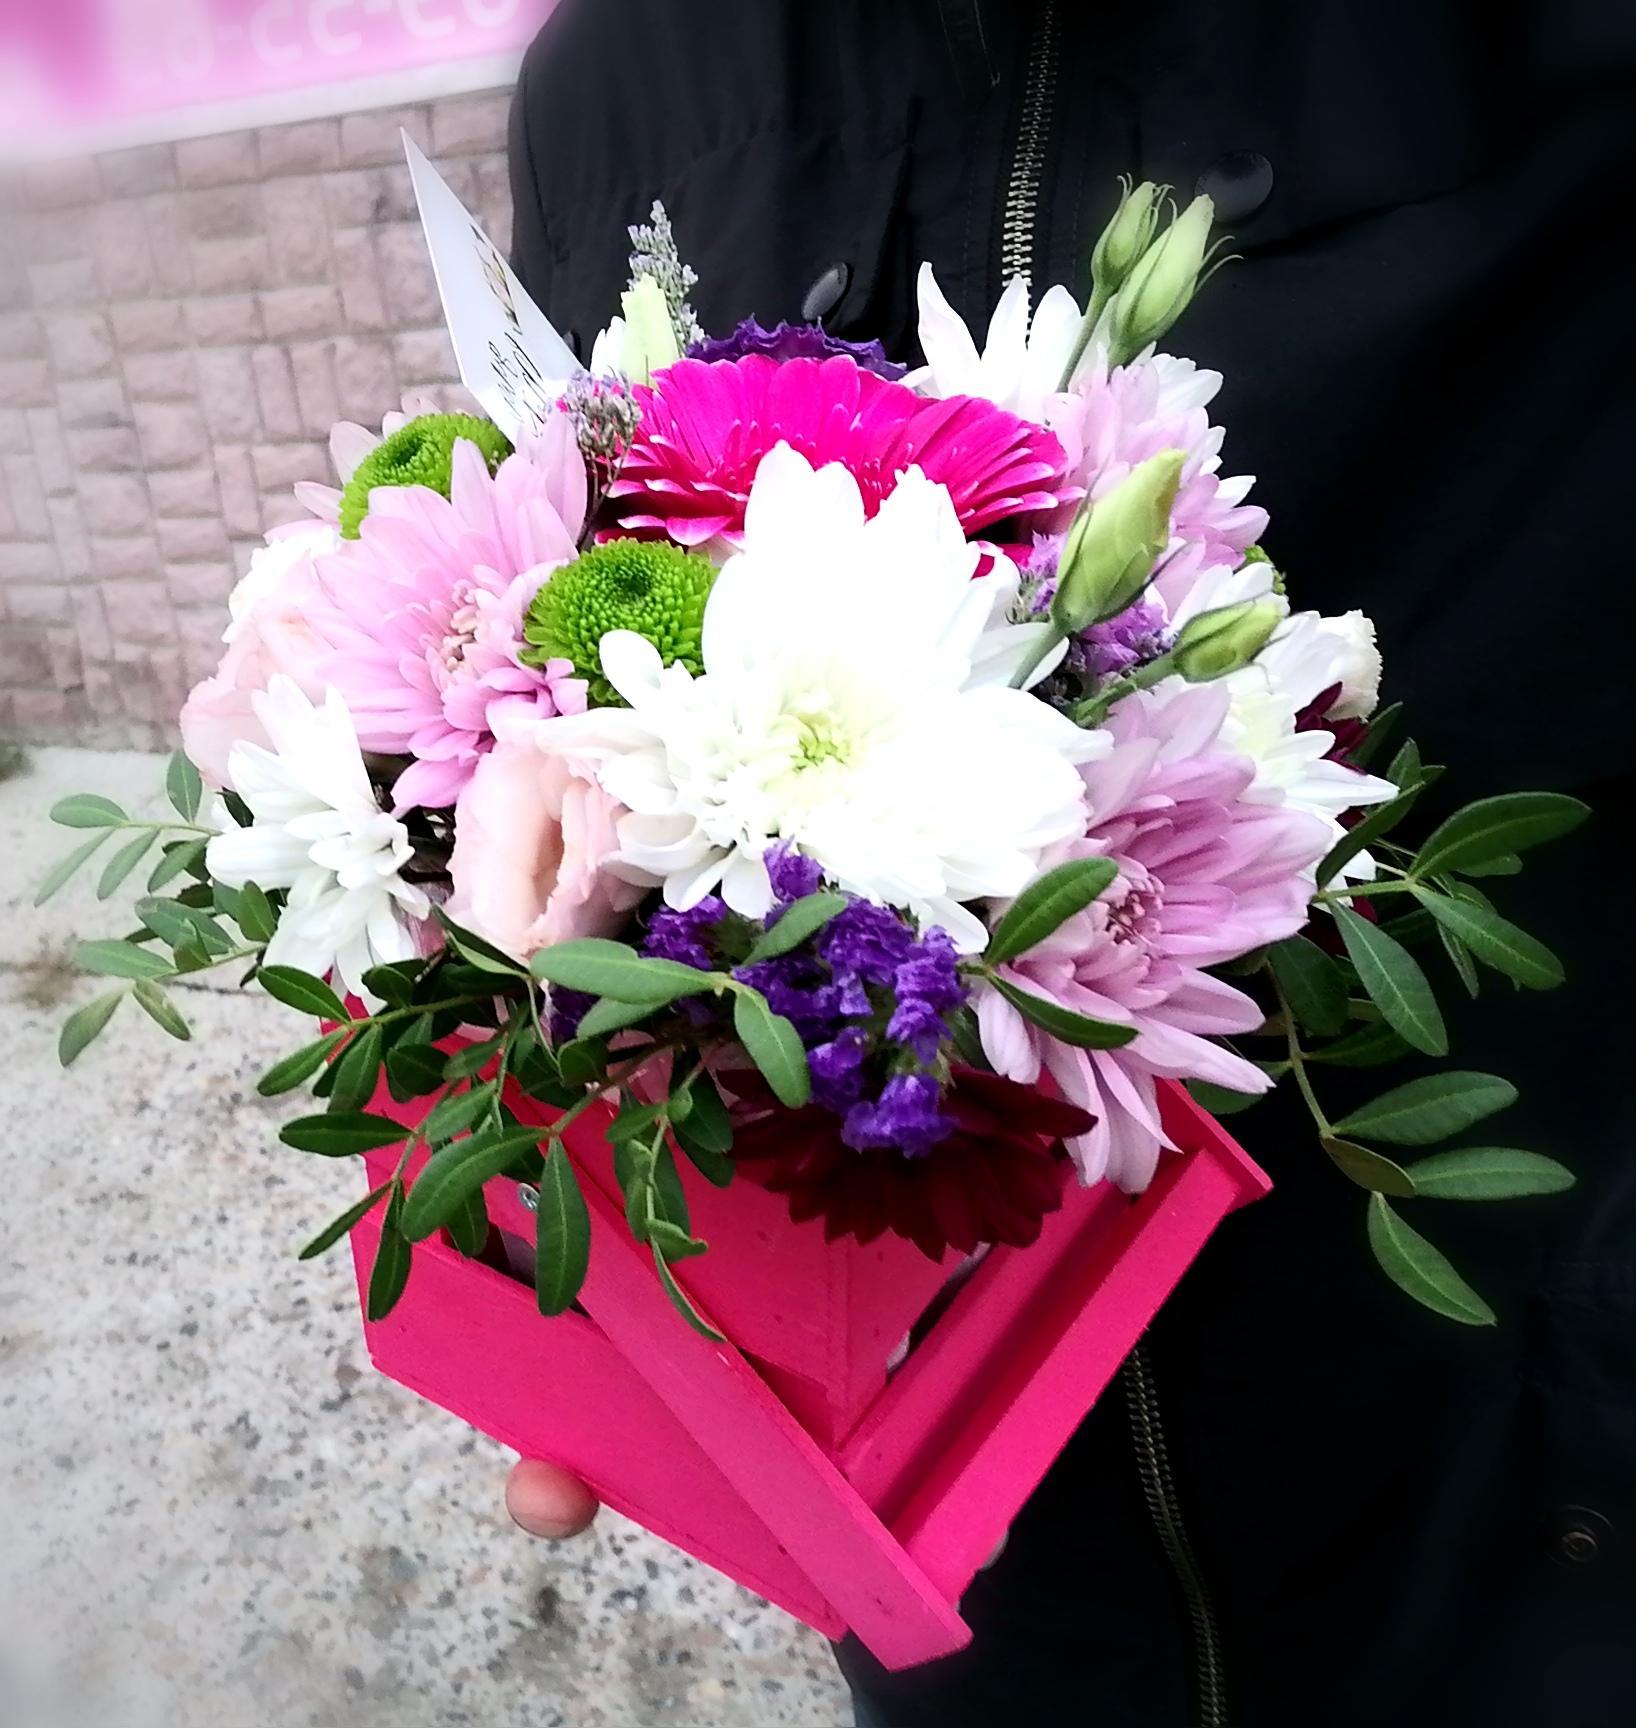 Доставка цветов г днепродзержинск, букет невесты тюльпанов